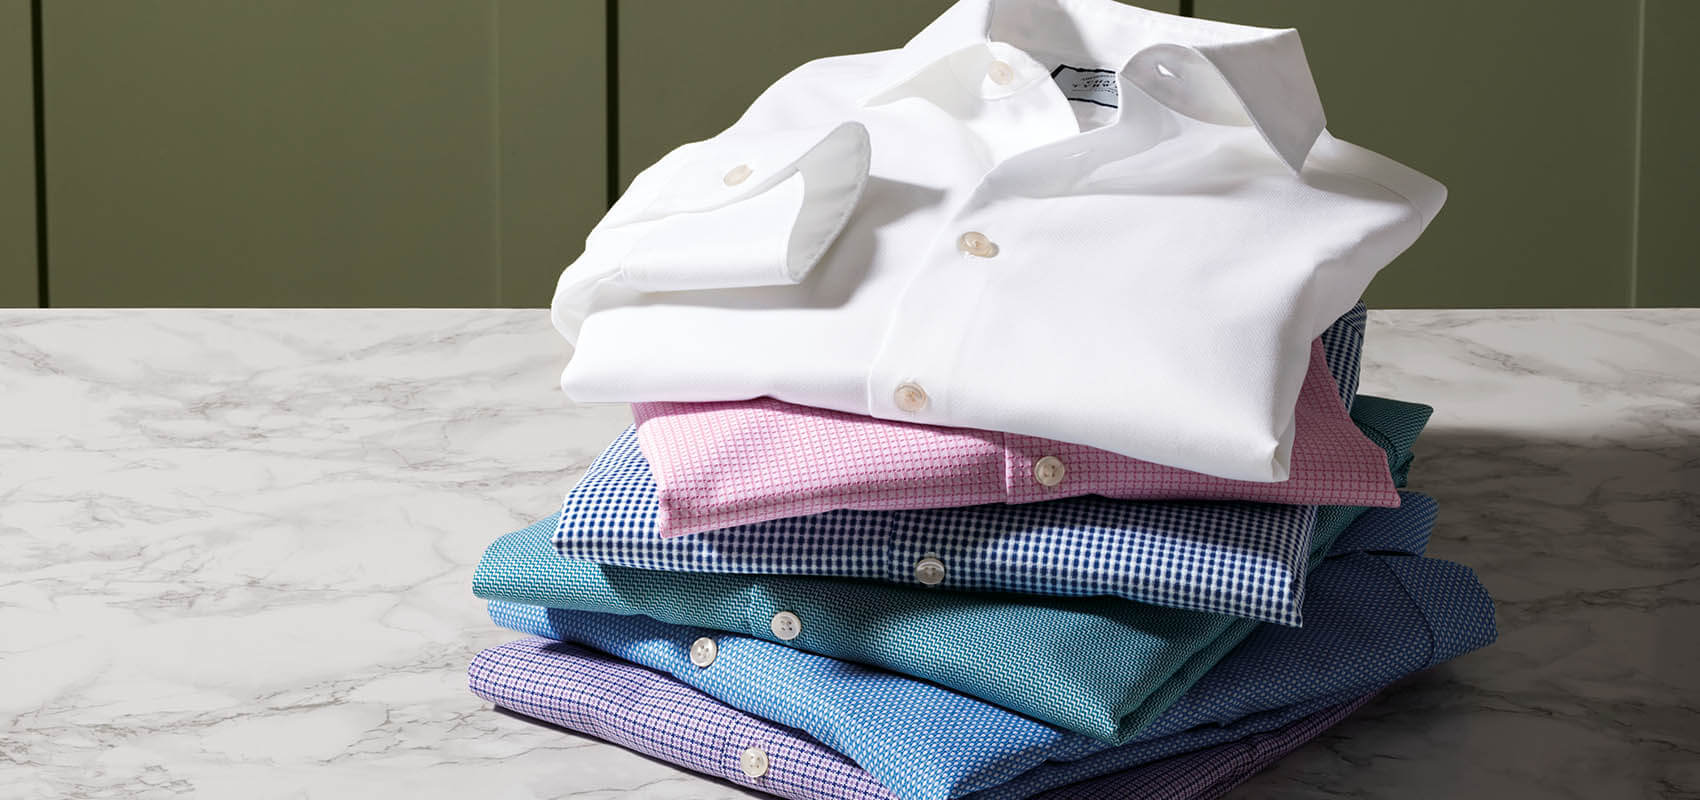 Charles Tyrwhitt Modern Textures Shirt